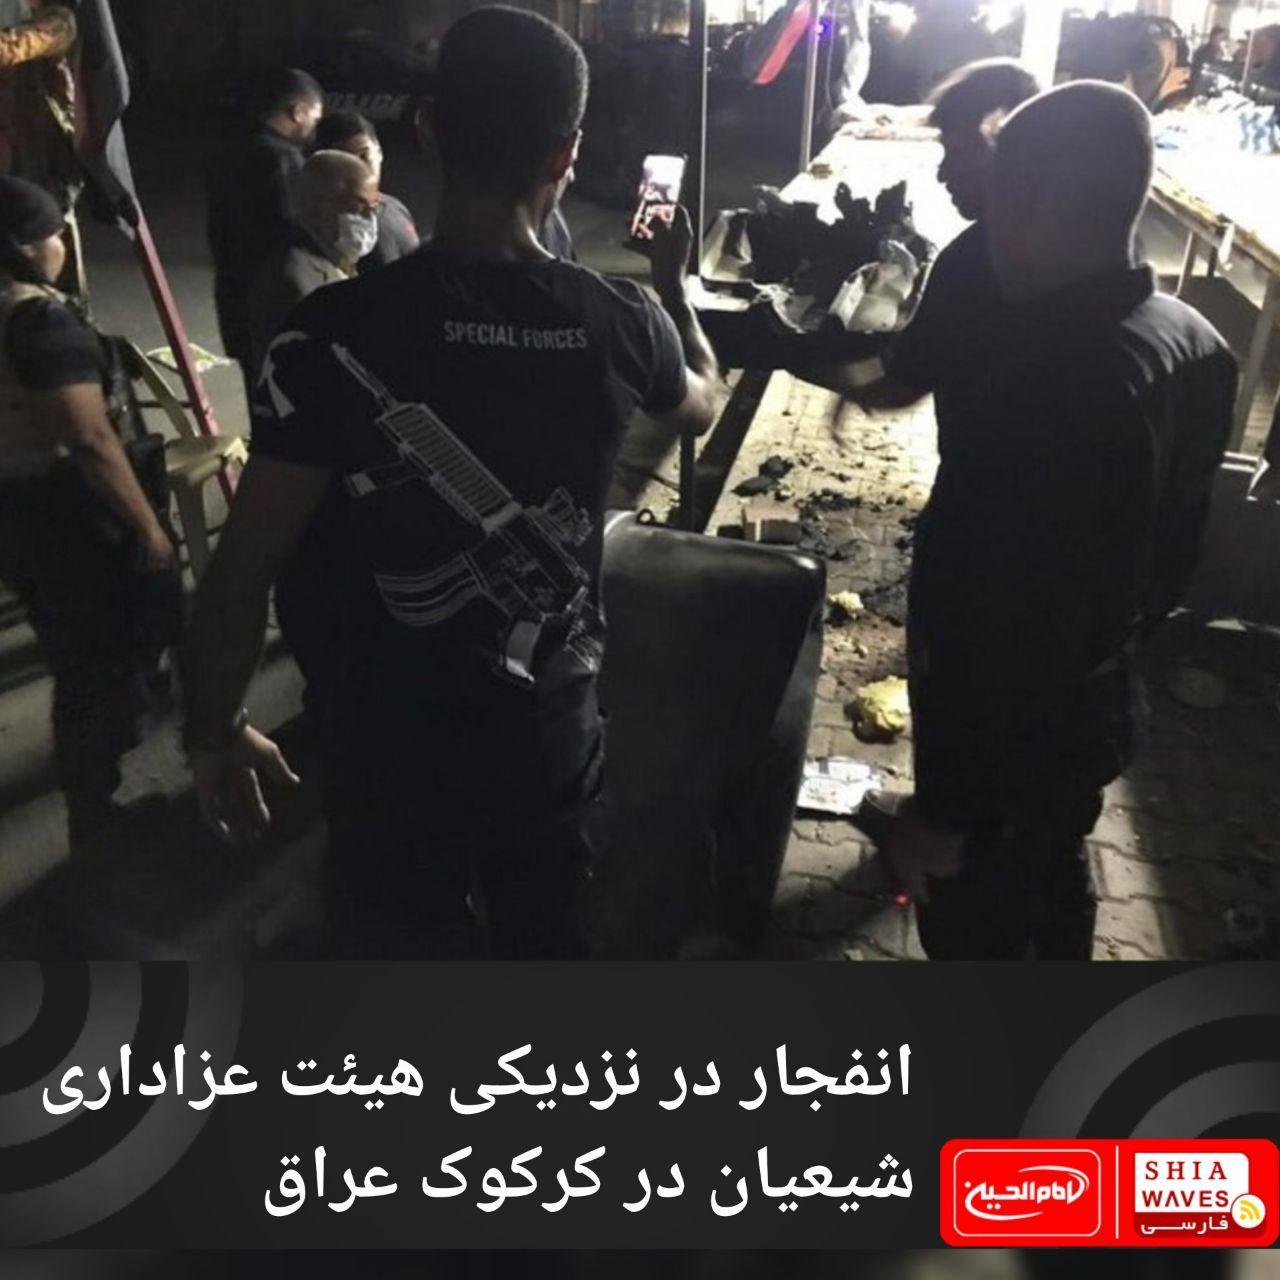 تصویر انفجار در نزدیکی هیئت عزاداری شیعیان در کرکوک عراق